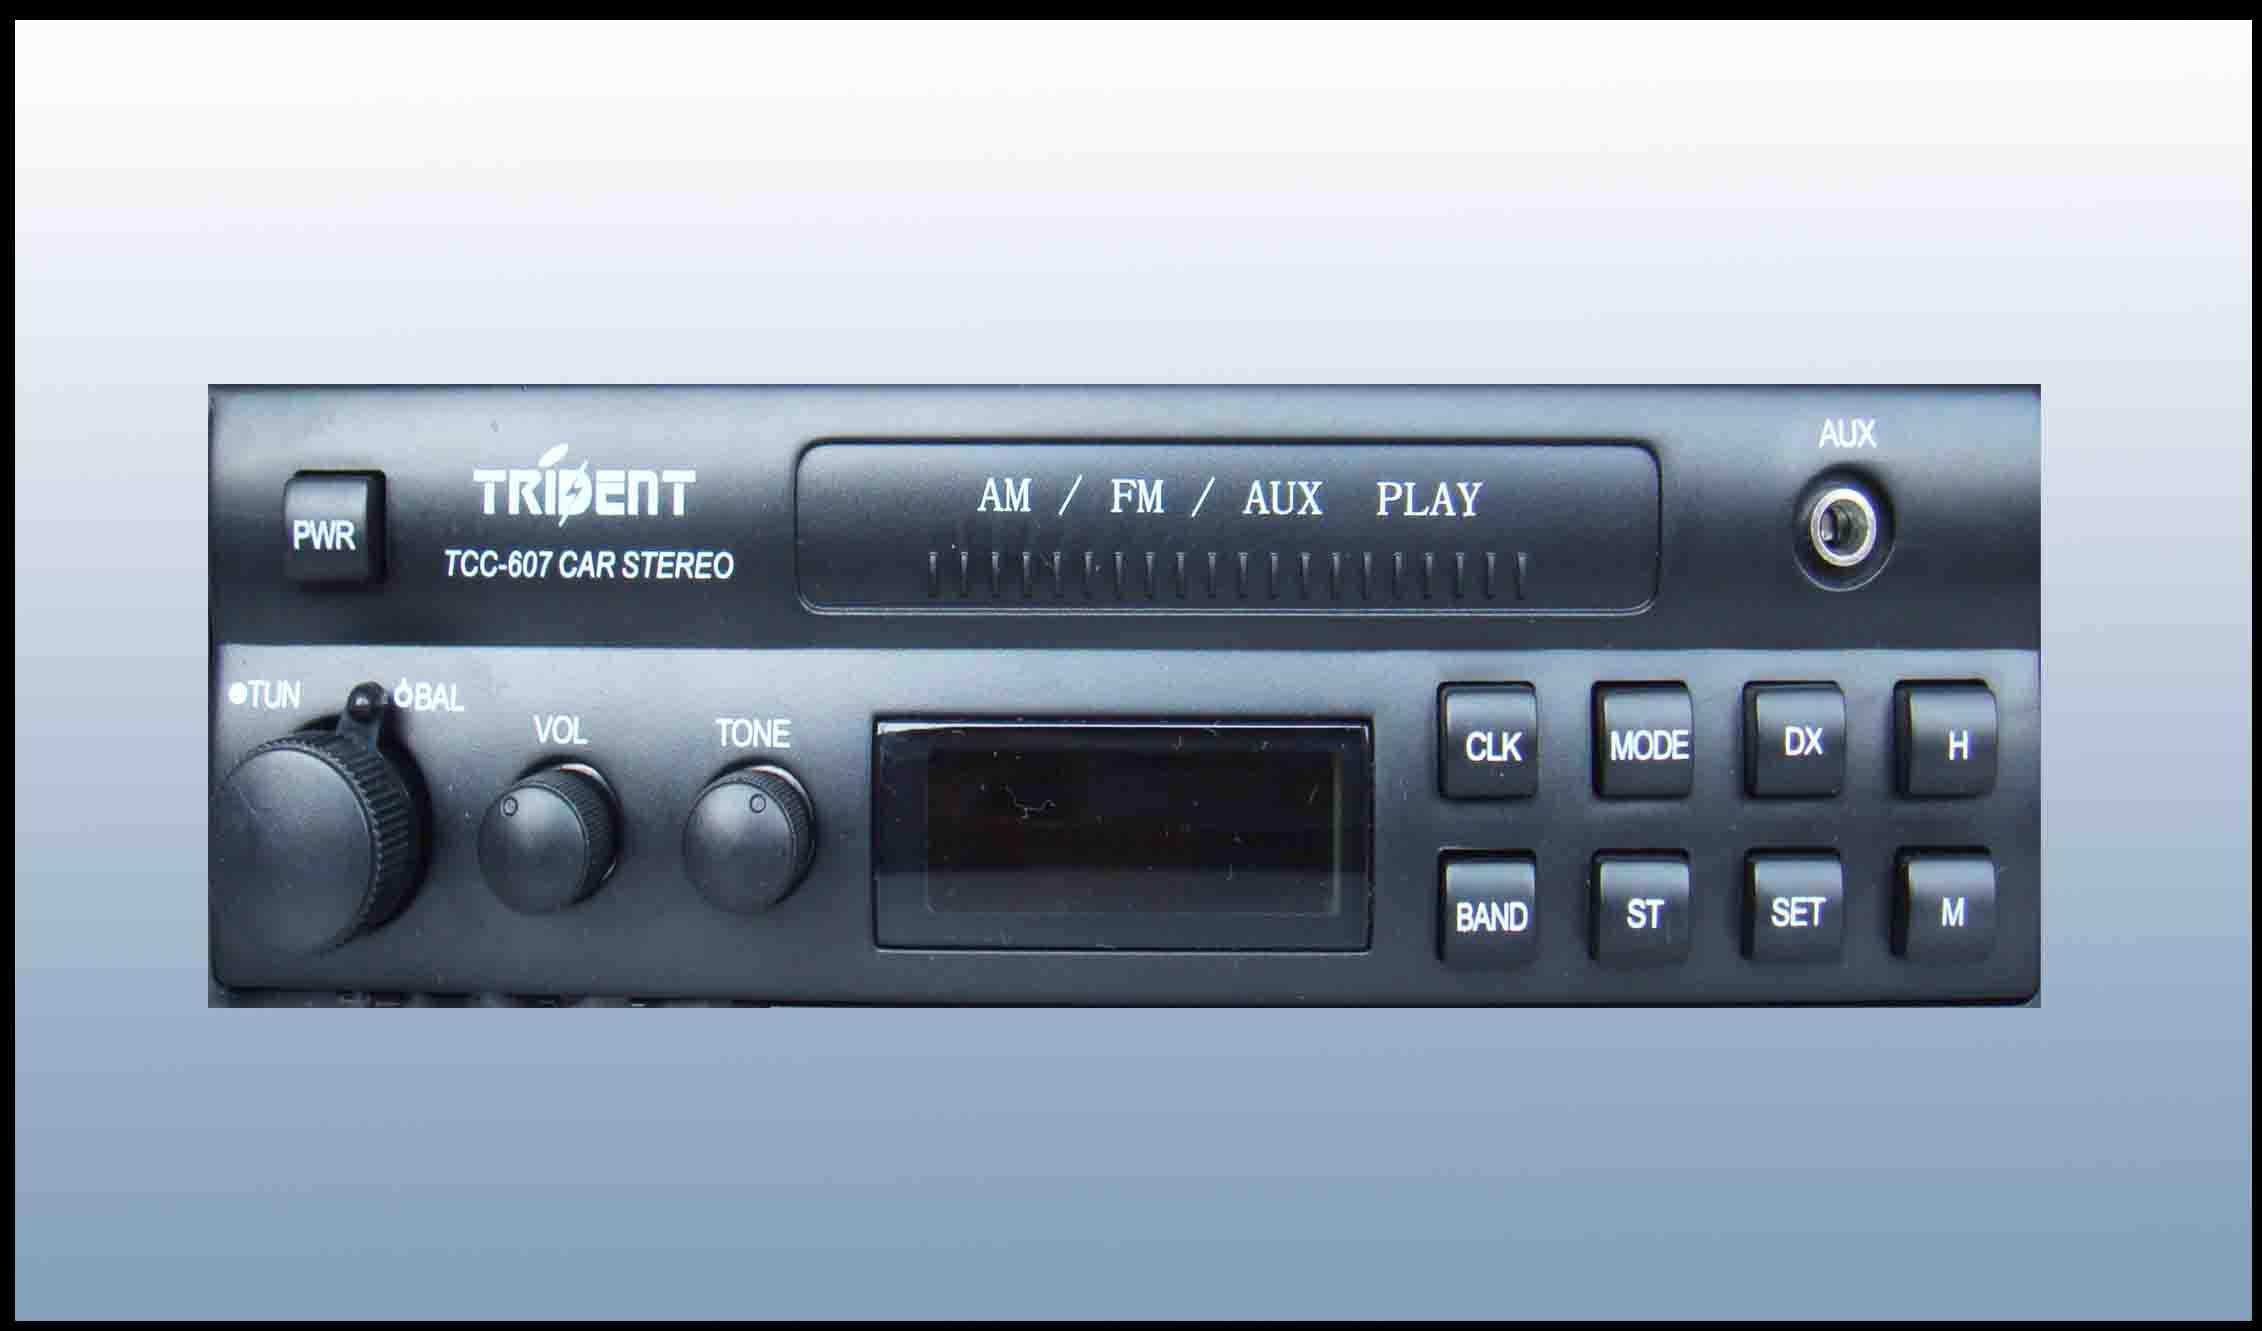 多种声效播放模式; 多波段fm1/2,am1数字显示控制; 电台自动扫描,预选